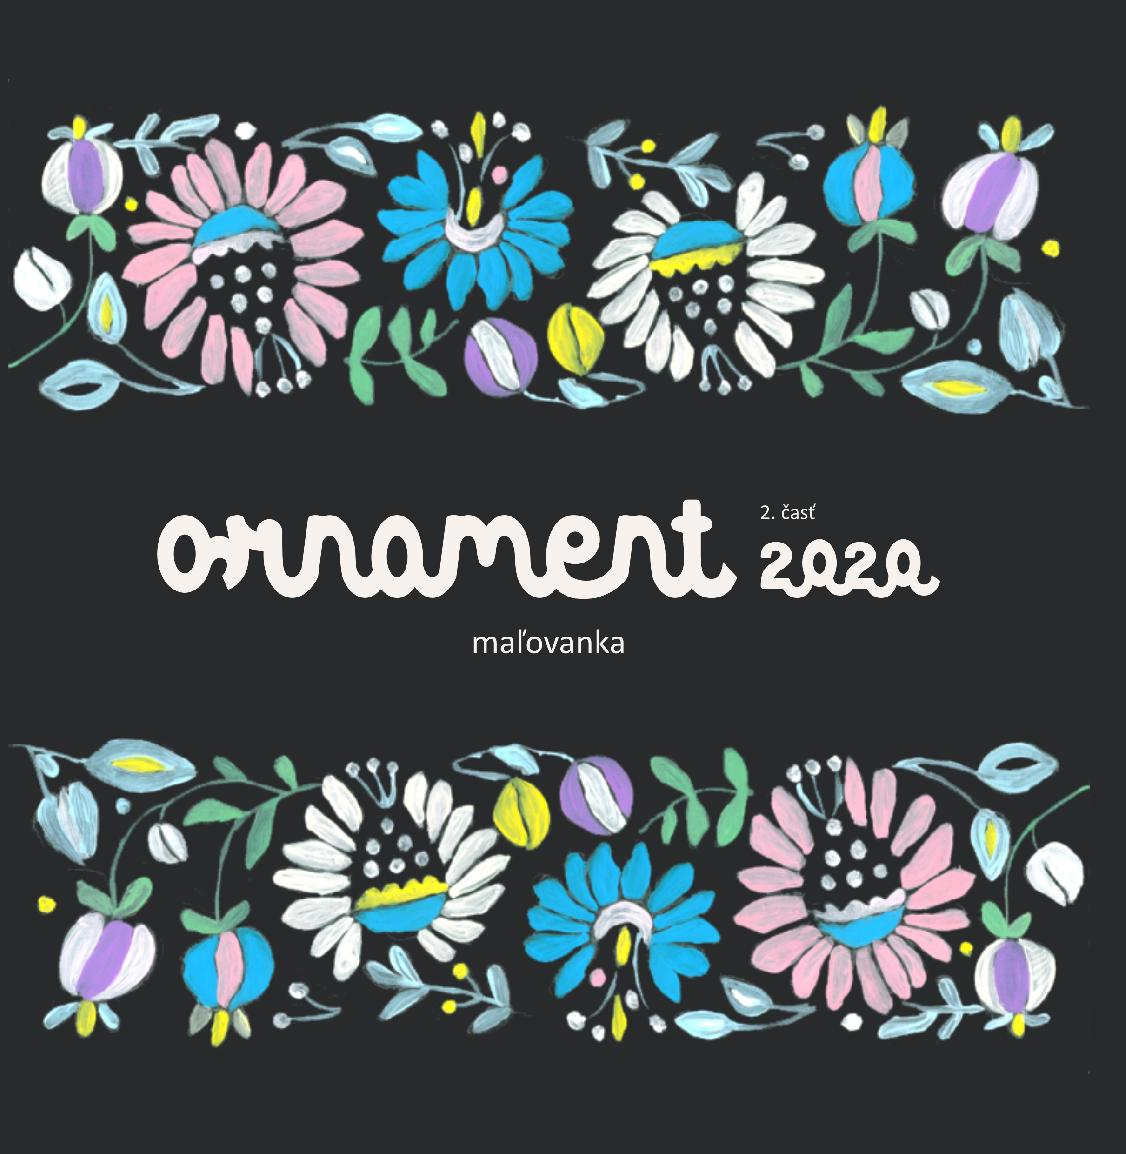 Ornament 2020 v okrese Žiar nad Hronom